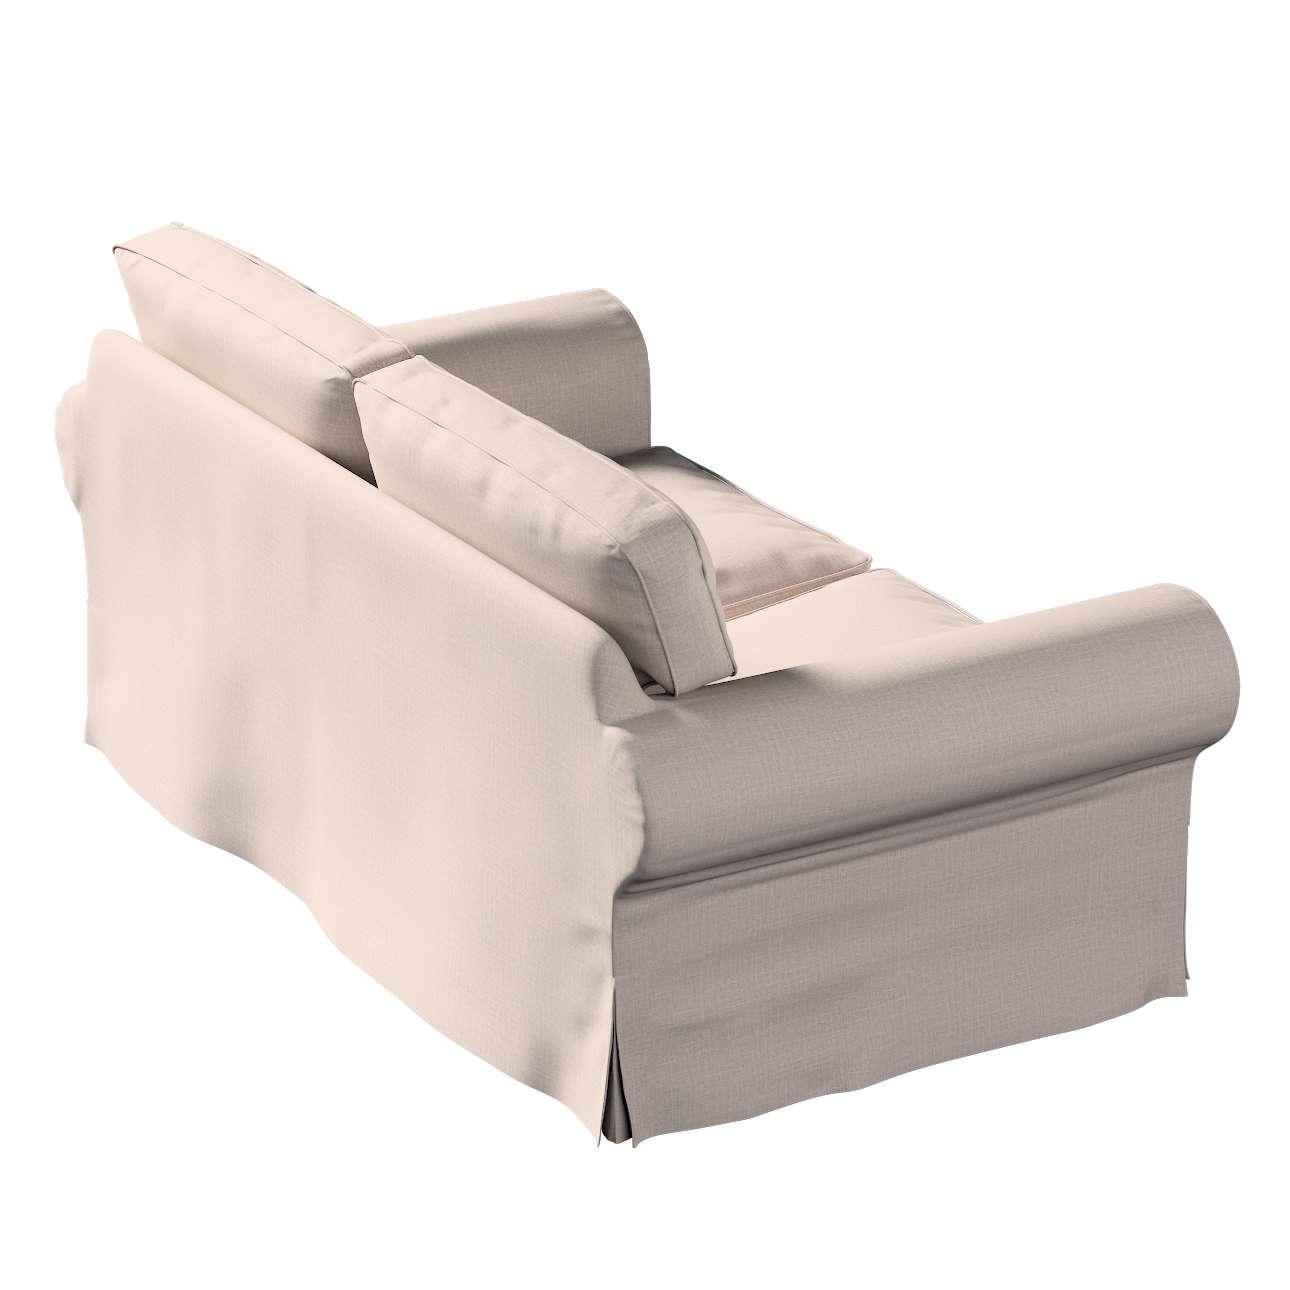 Pokrowiec na sofę Ektorp 2-osobową rozkładaną, model po 2012 w kolekcji Living II, tkanina: 160-85